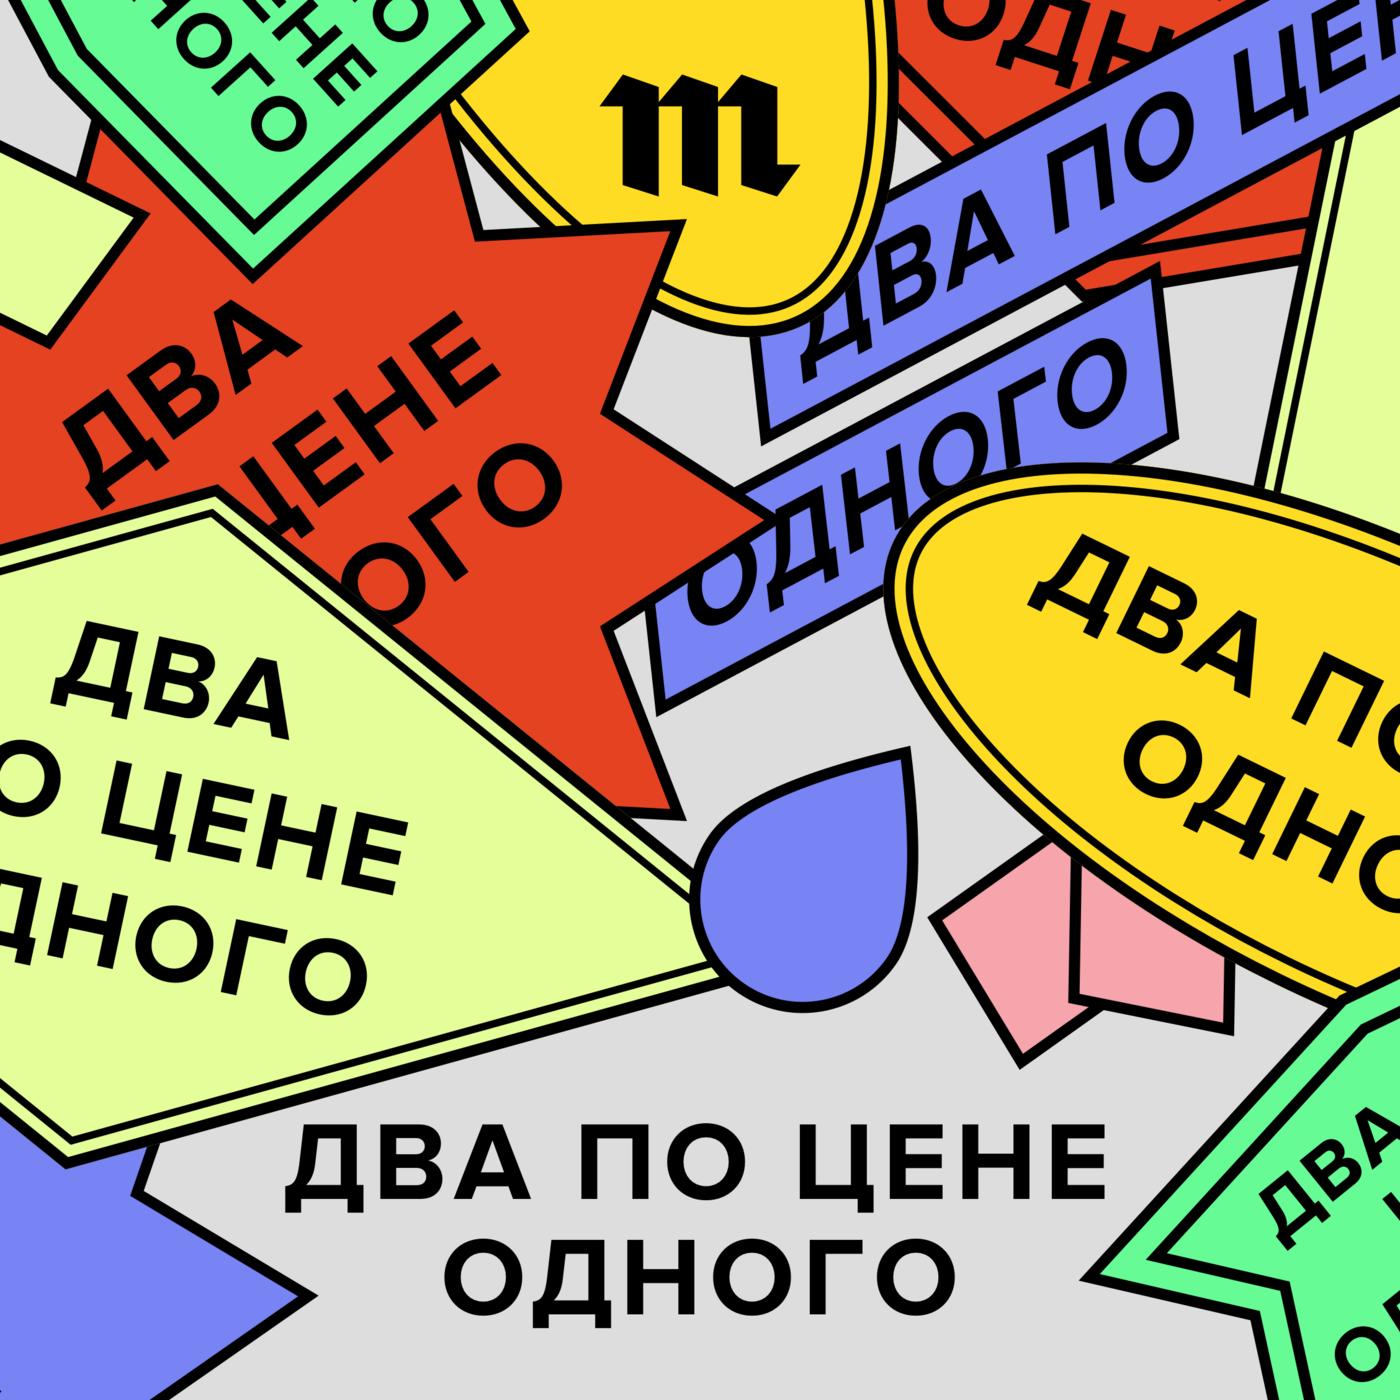 Илья Красильщик Делать ремонт в квартире 500 дней: выпуск про то, как не надо